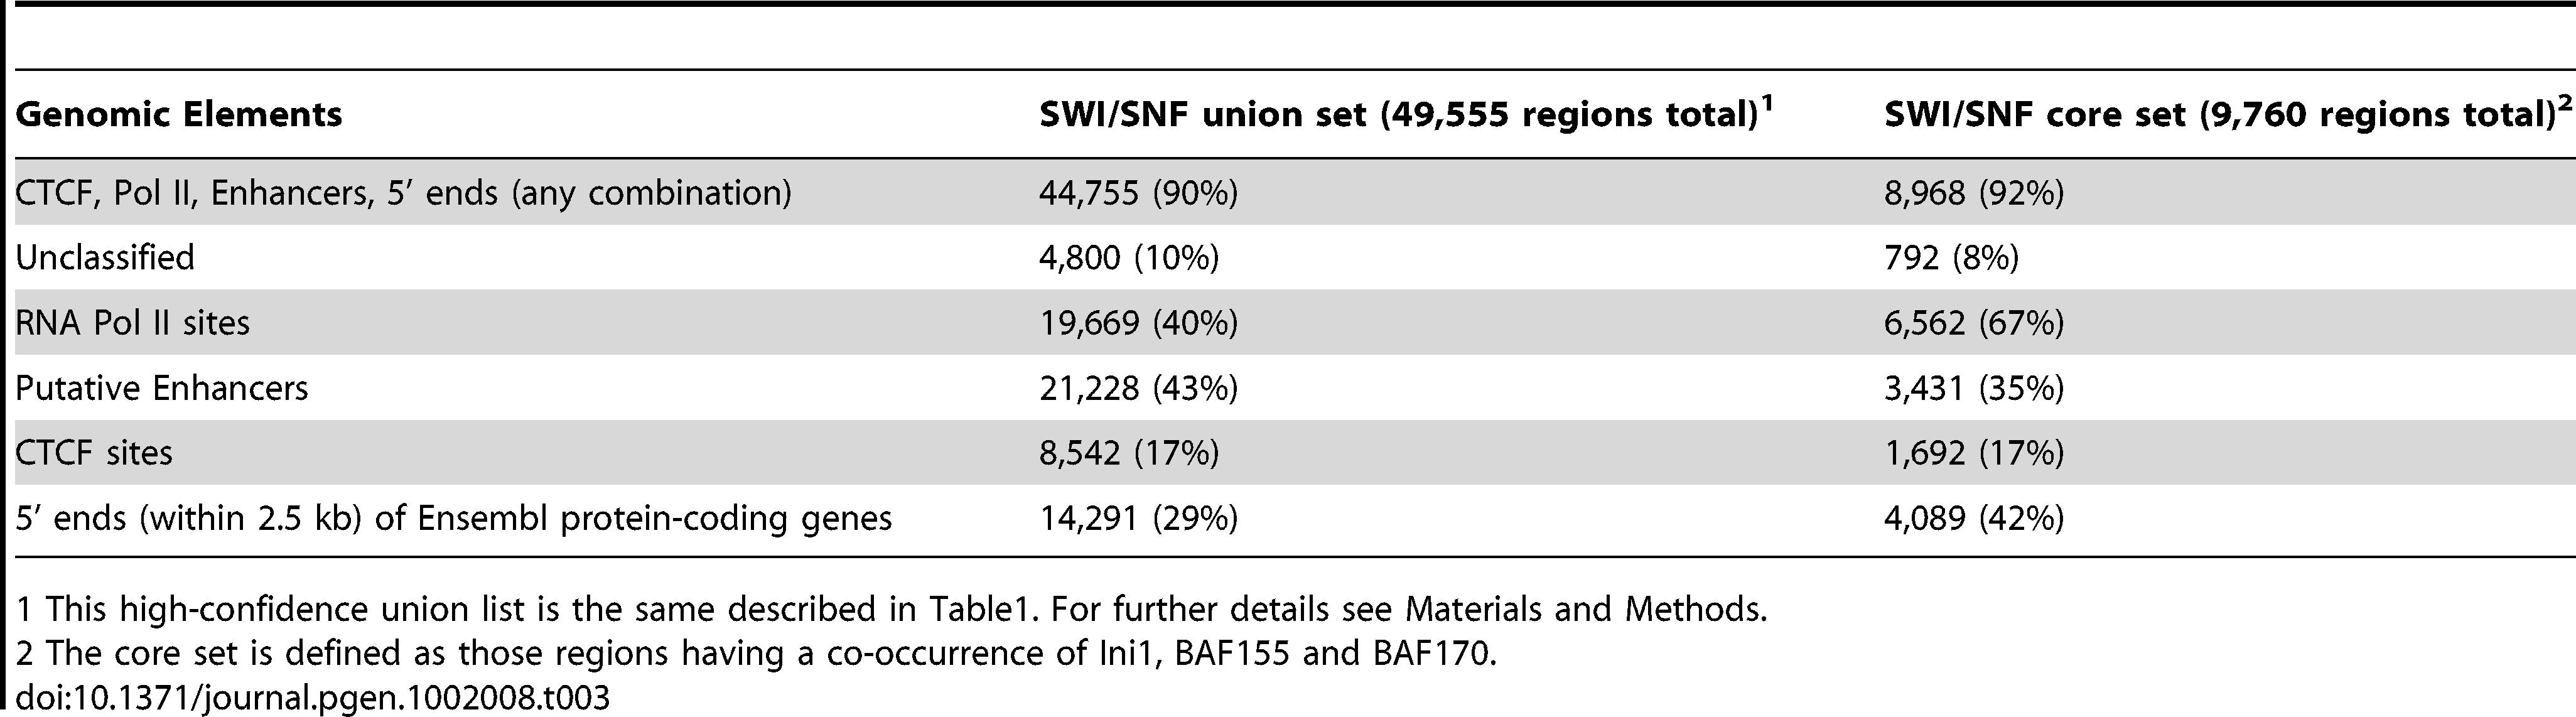 Genomic elements found in SWI/SNF target regions.